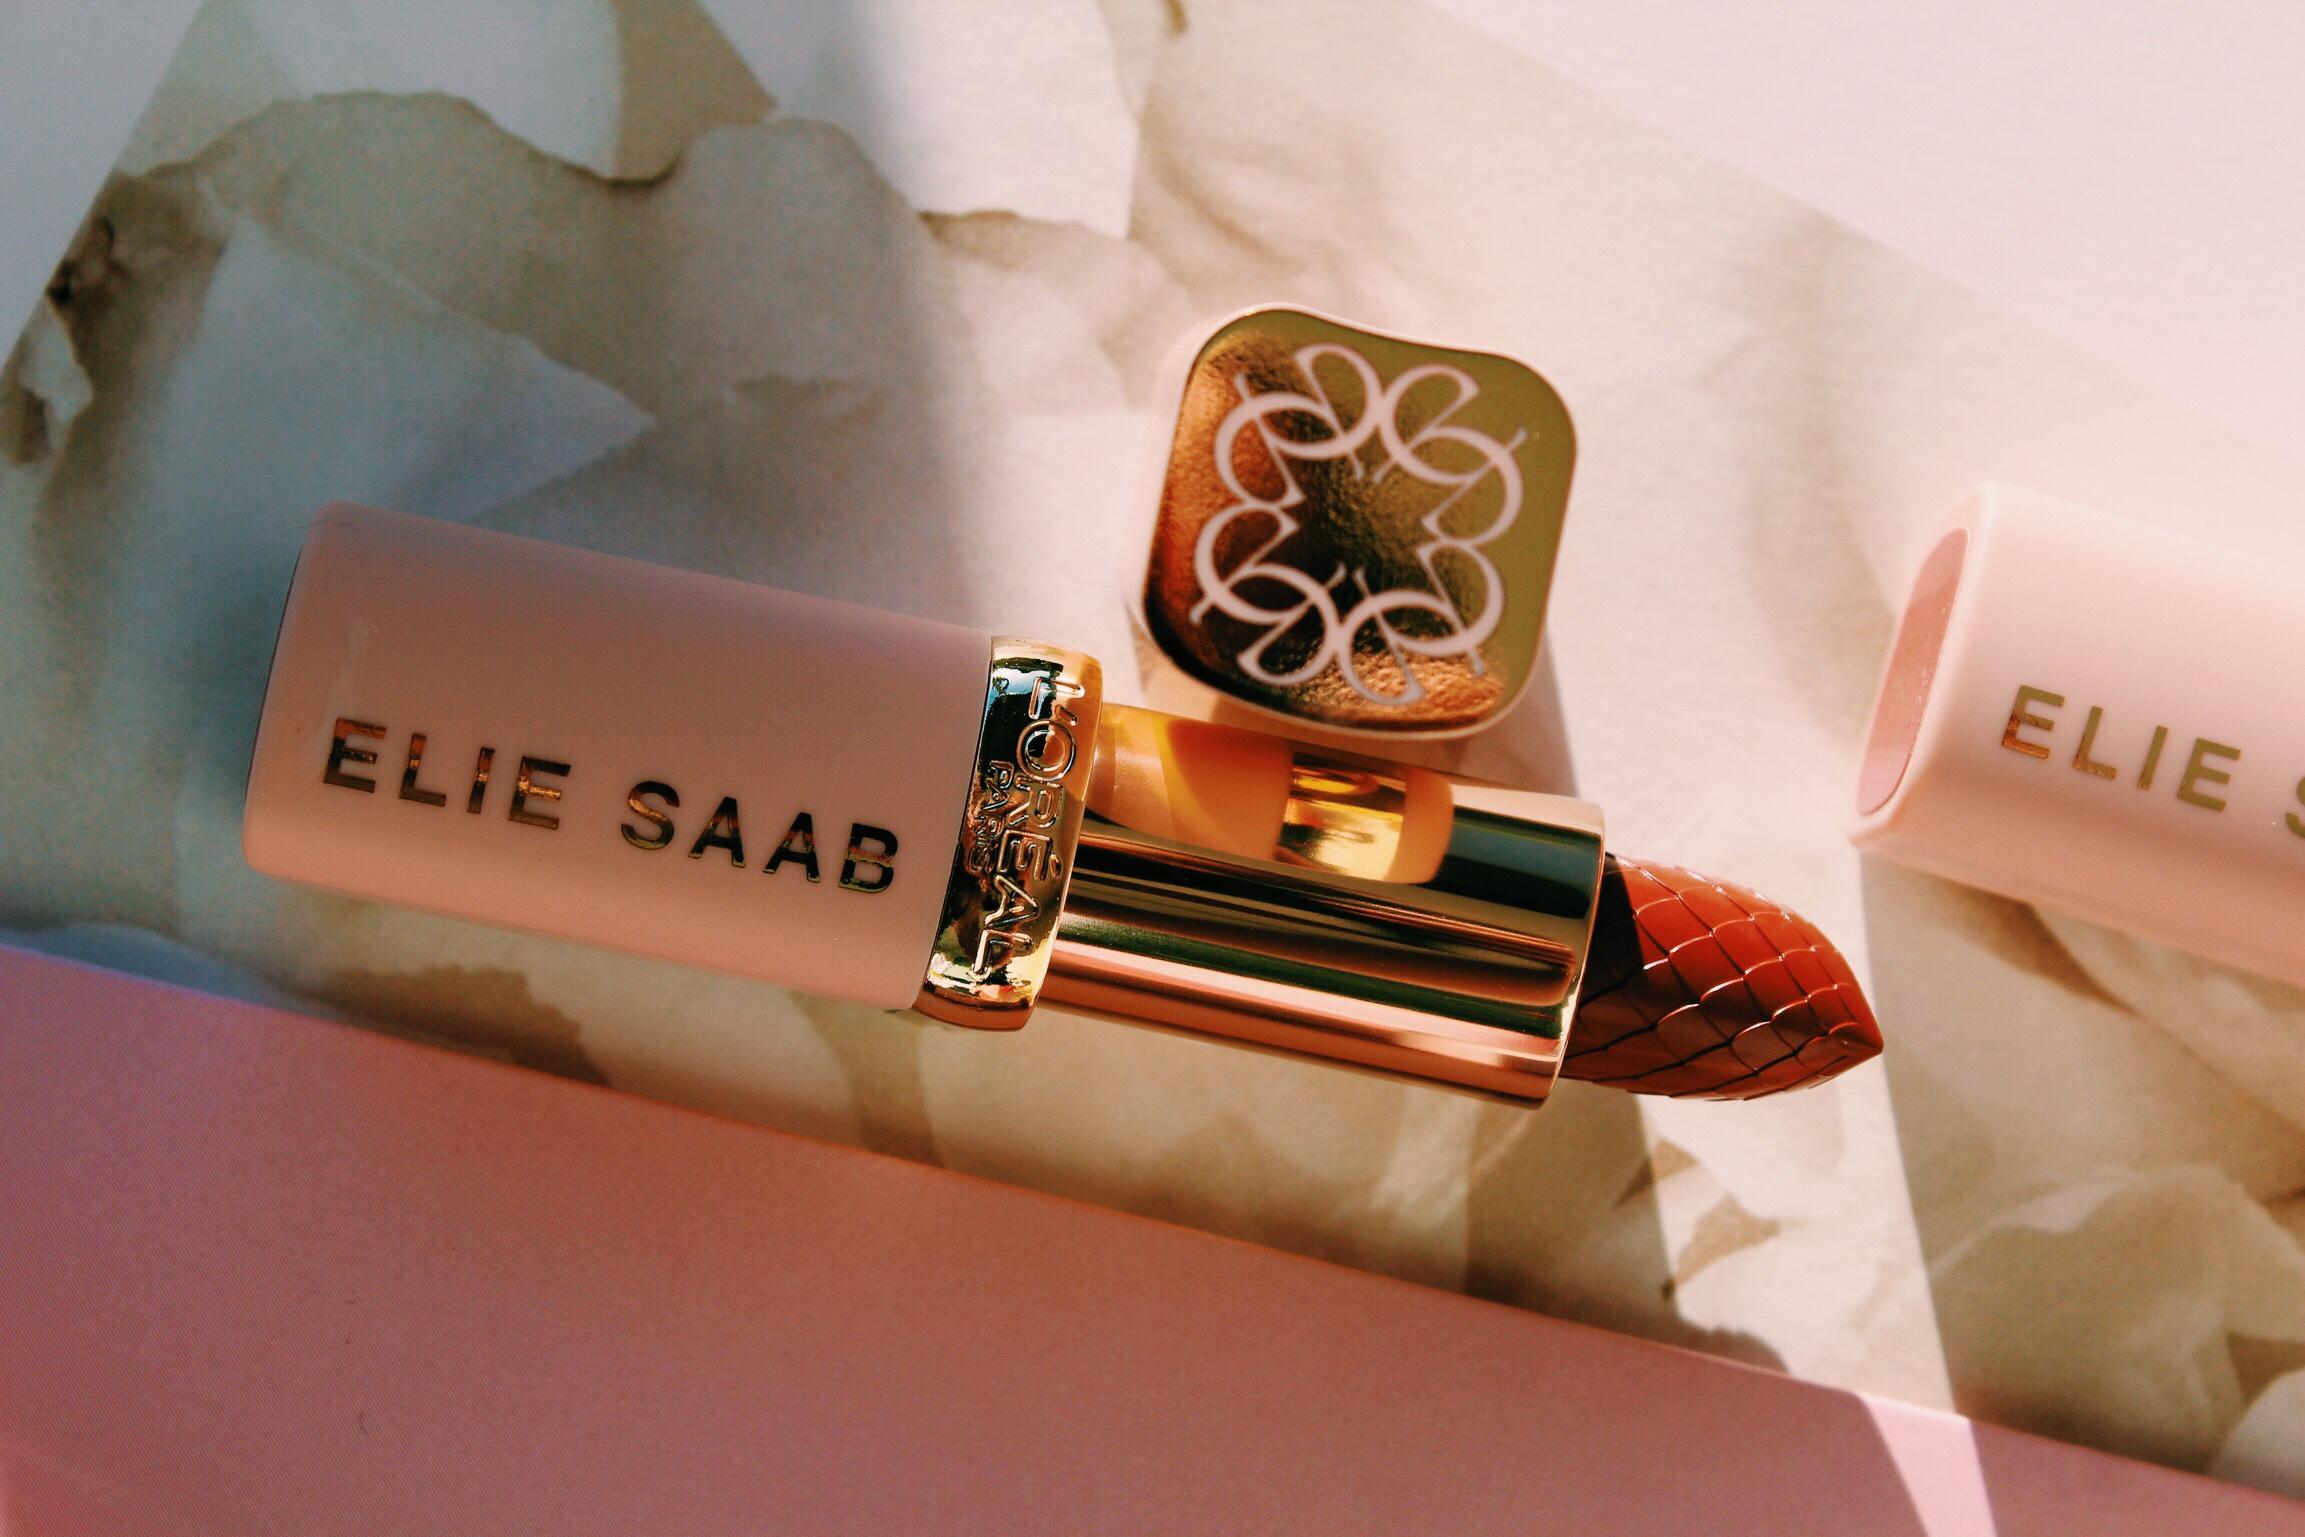 Elie Saab x L'Oréal Lipstick Details